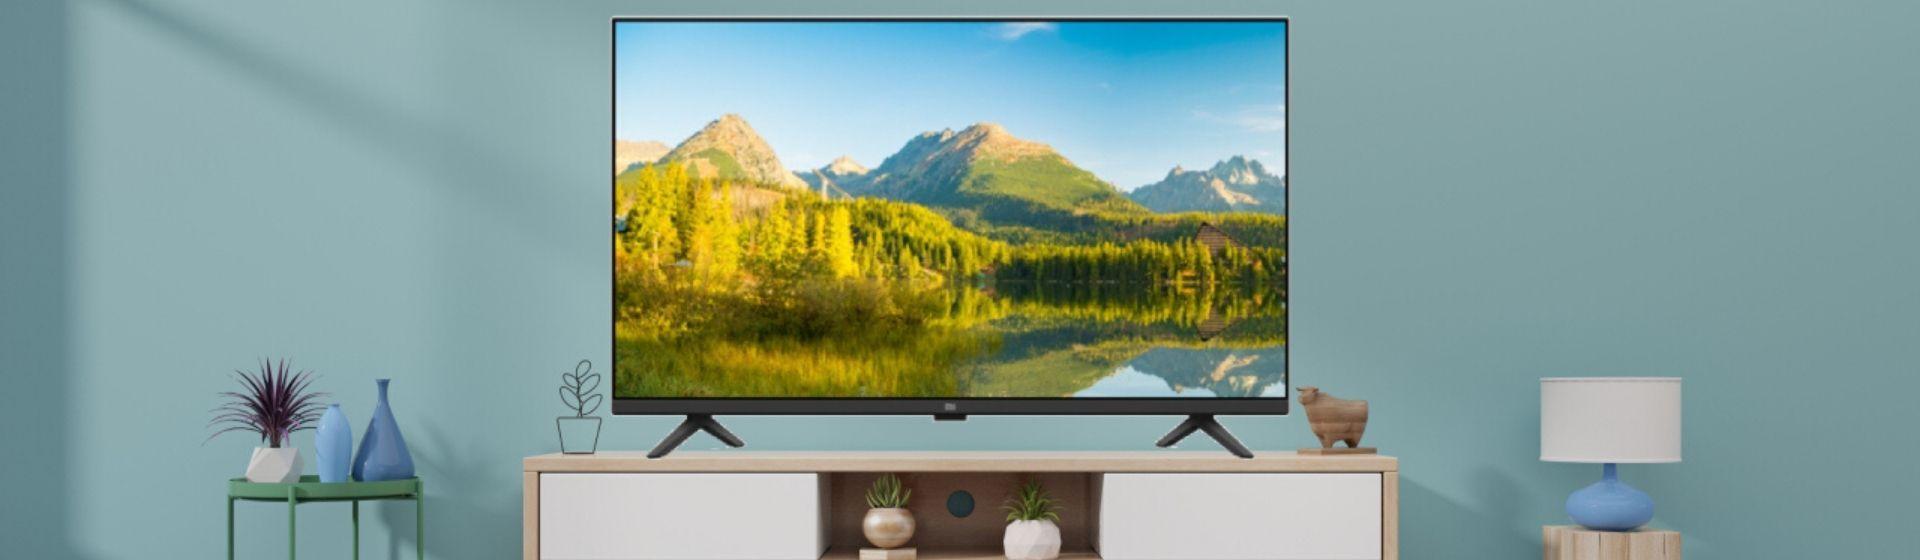 Xiaomi lança TV smart de 32 polegadas sem 4K e com preço baixo